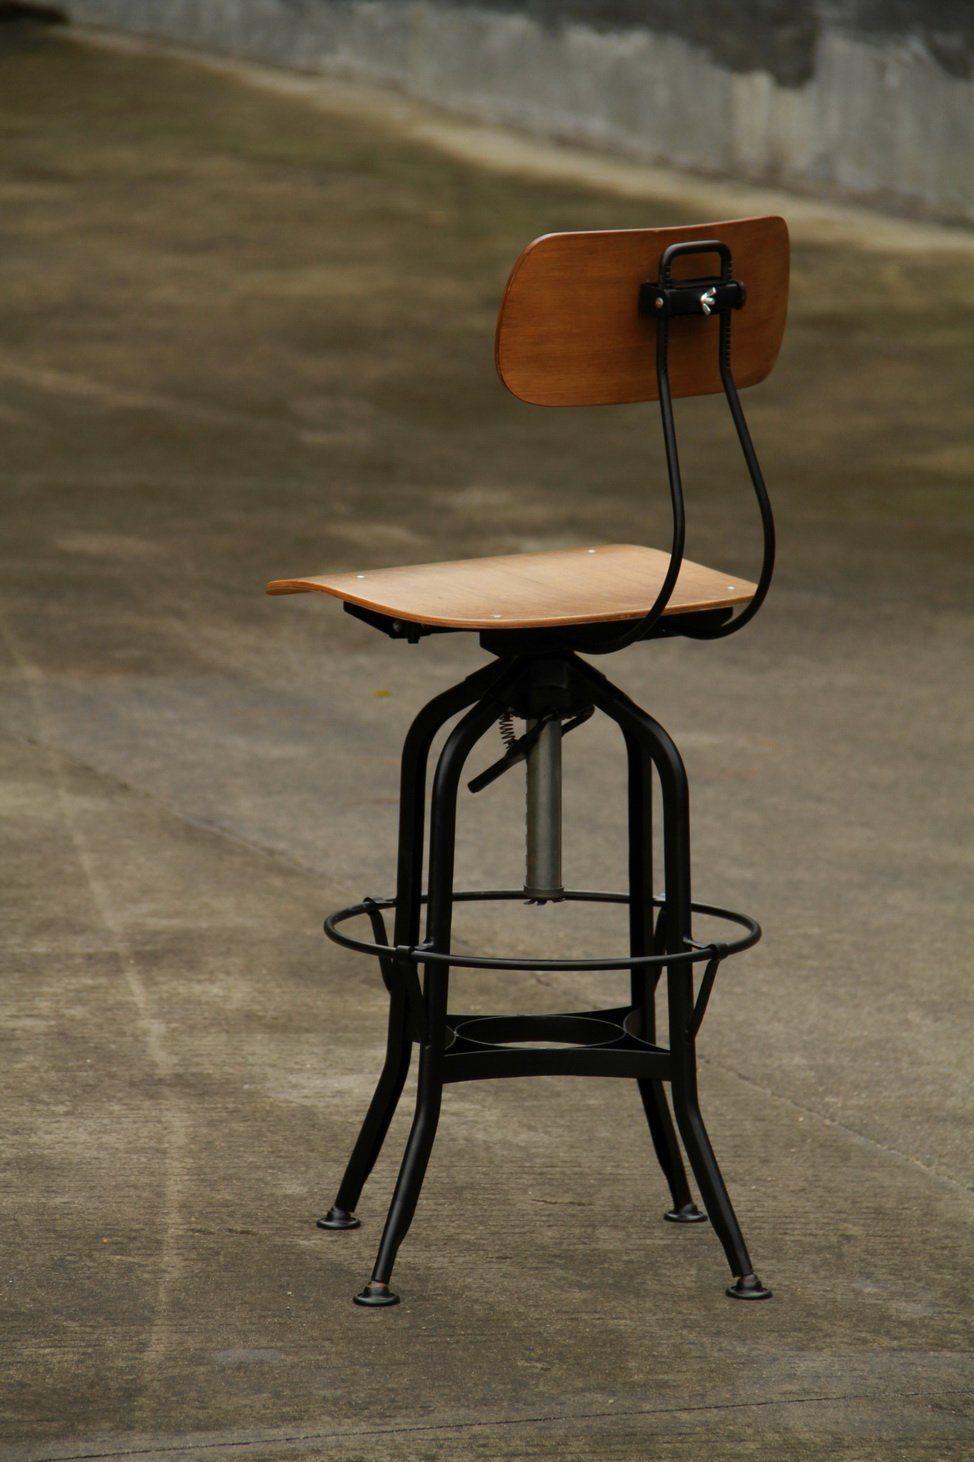 Draftsman Rustic Metal & Wood Vintage Toledo